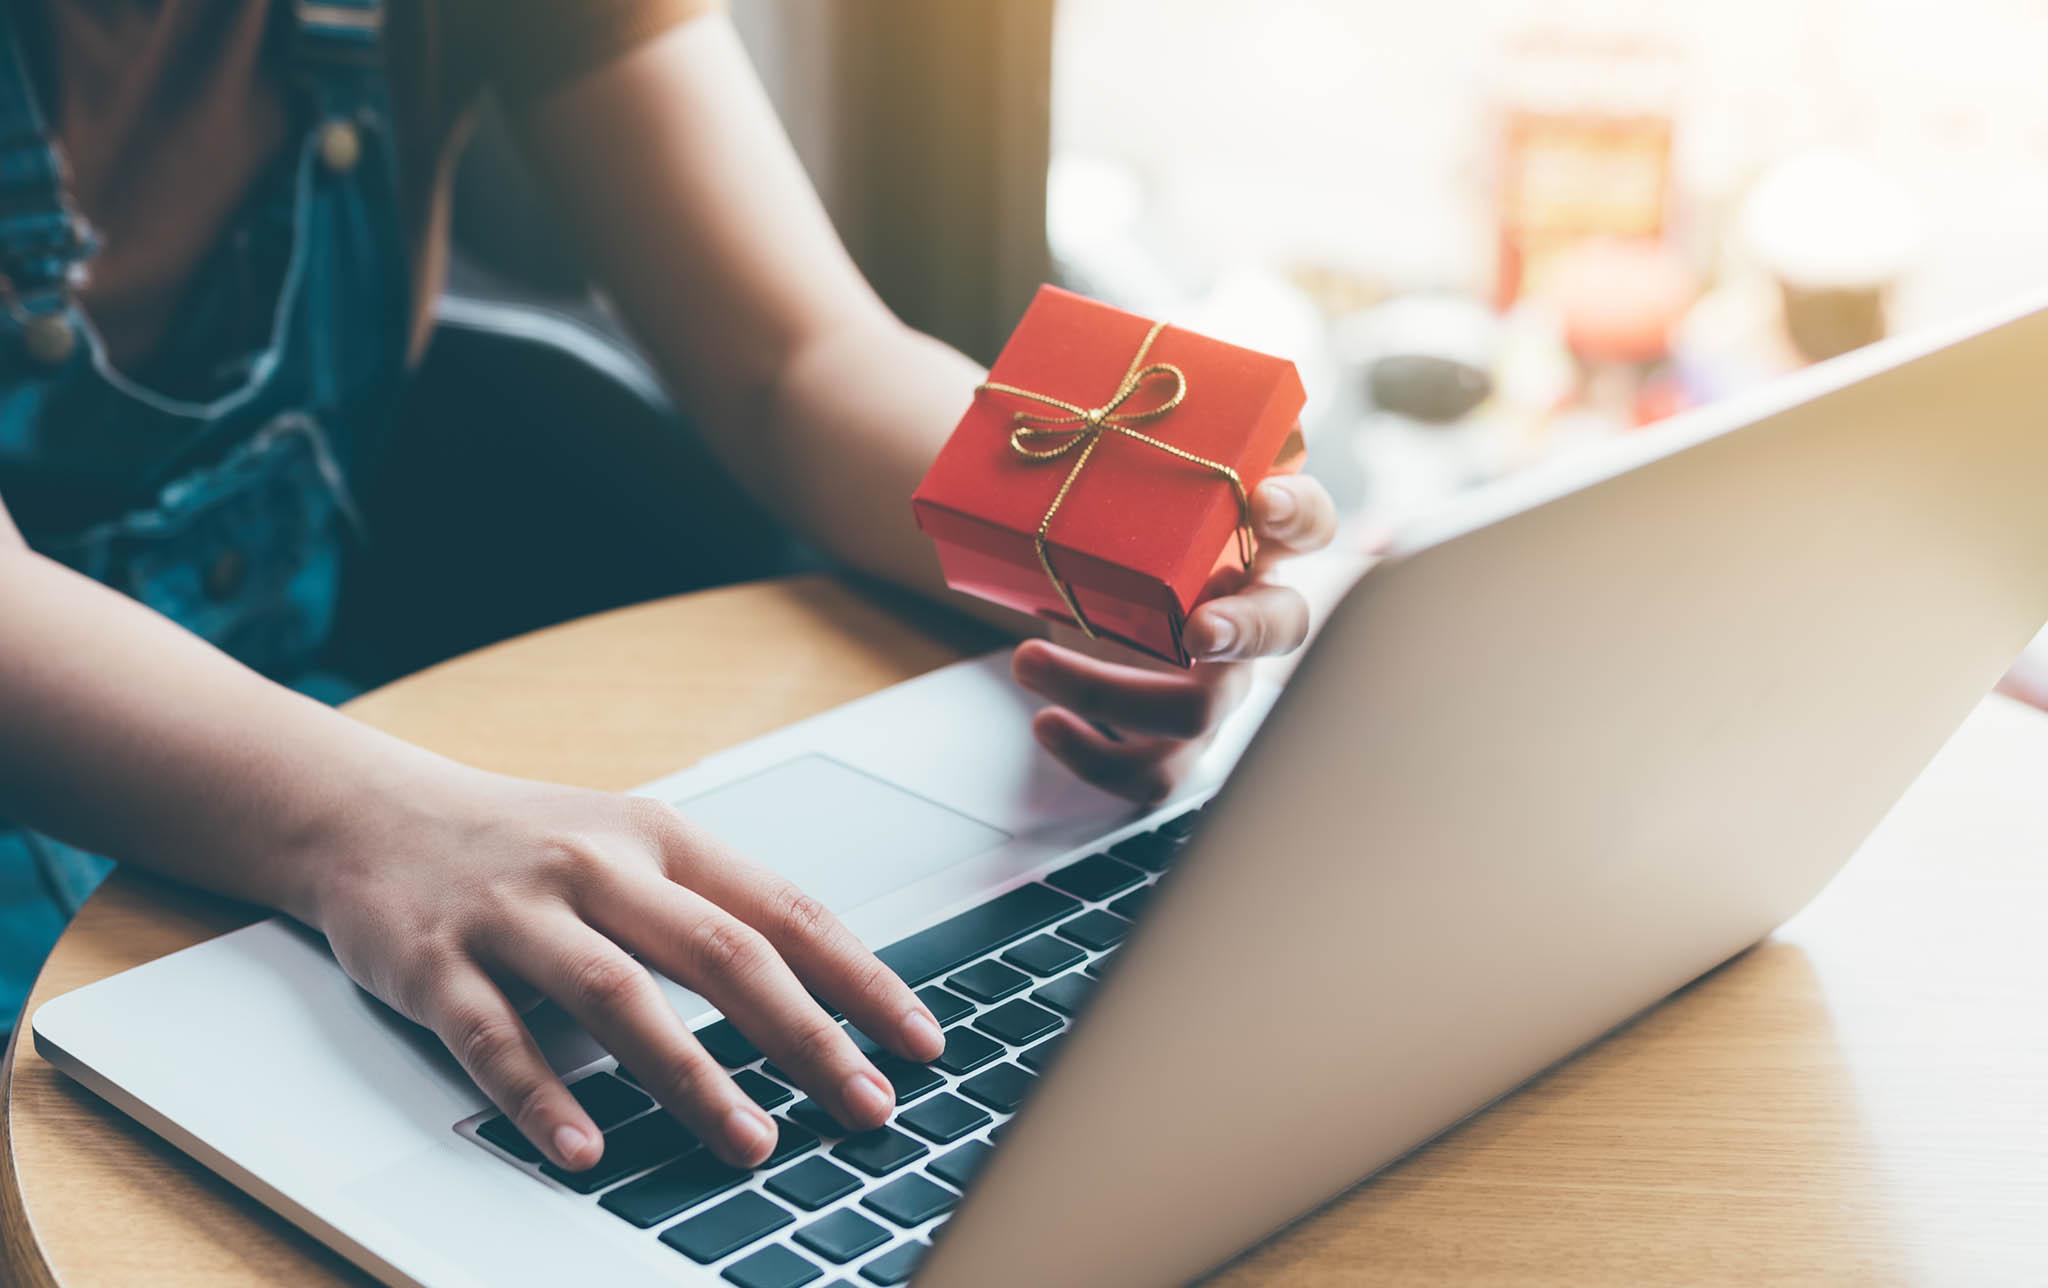 Ryze dárcovské platformy odneziskových organizací nevybírají komerční poplatky, některé sbírky vedou zcela zdarma ažadatelé dostanou vybrané peníze ivpřípadě, kdy se cílová částka nenaplní.